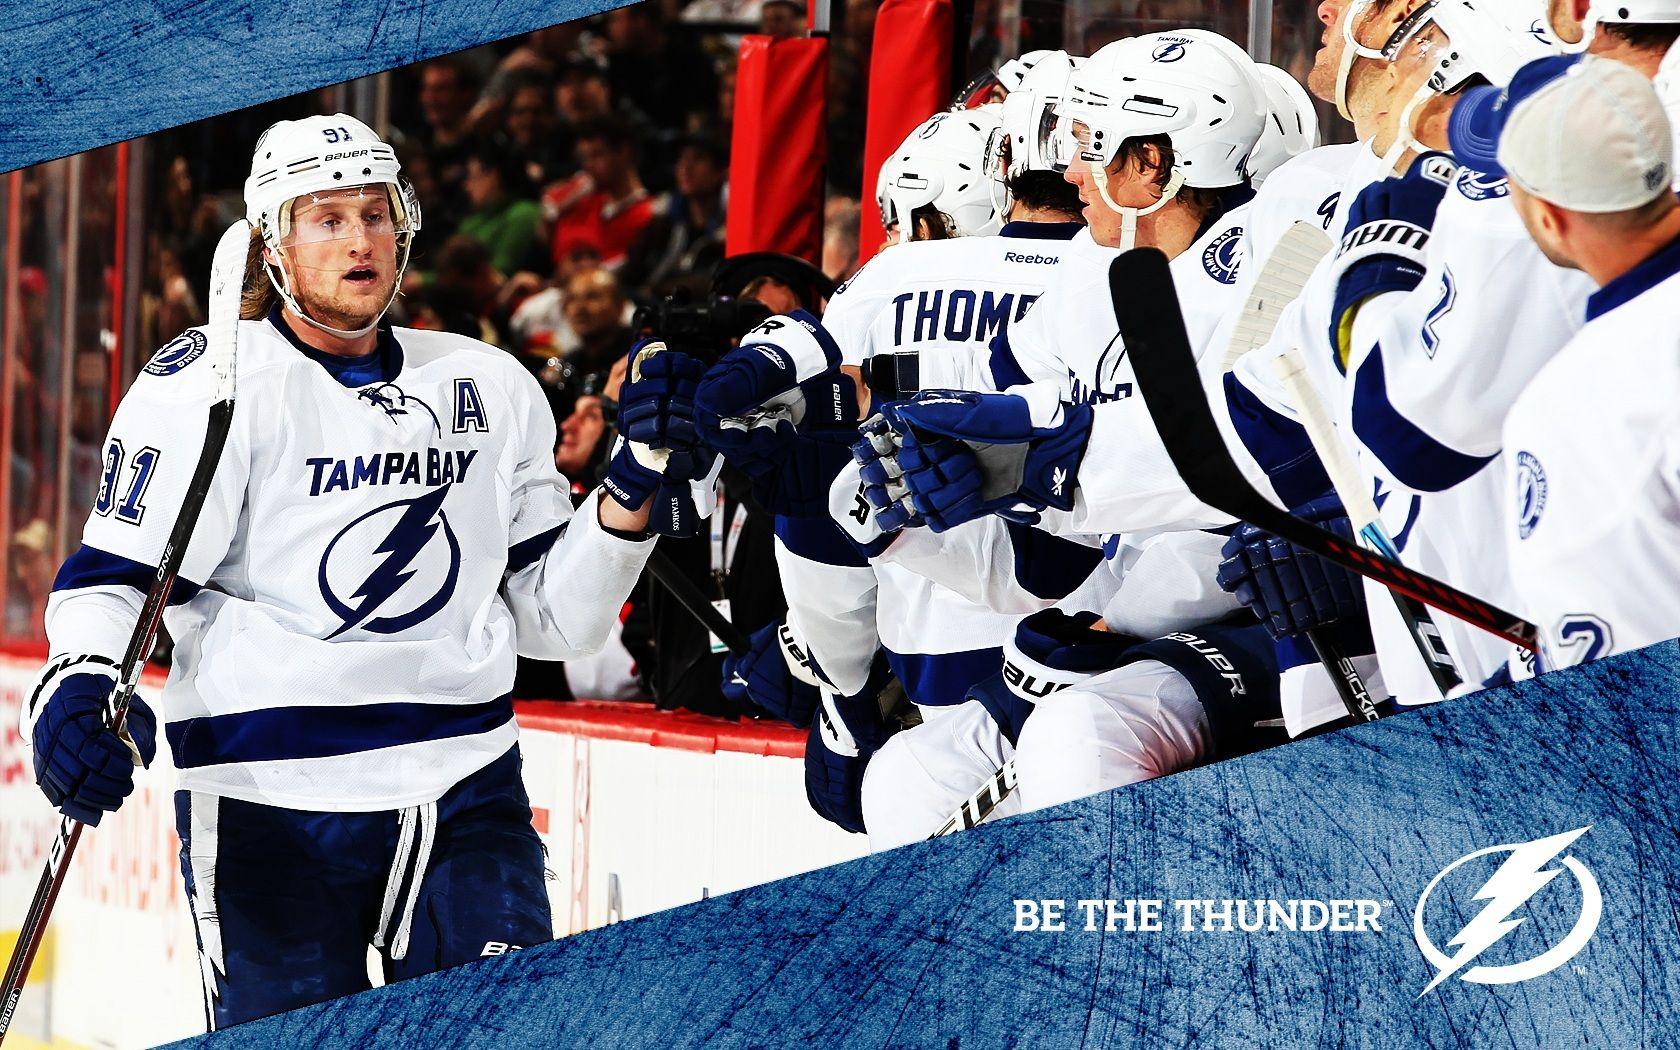 Tampa Bay Lightning Wallpaper Steven Stamkos Wallpaper Tampa Bay Lightning Tampa Bay Tampa